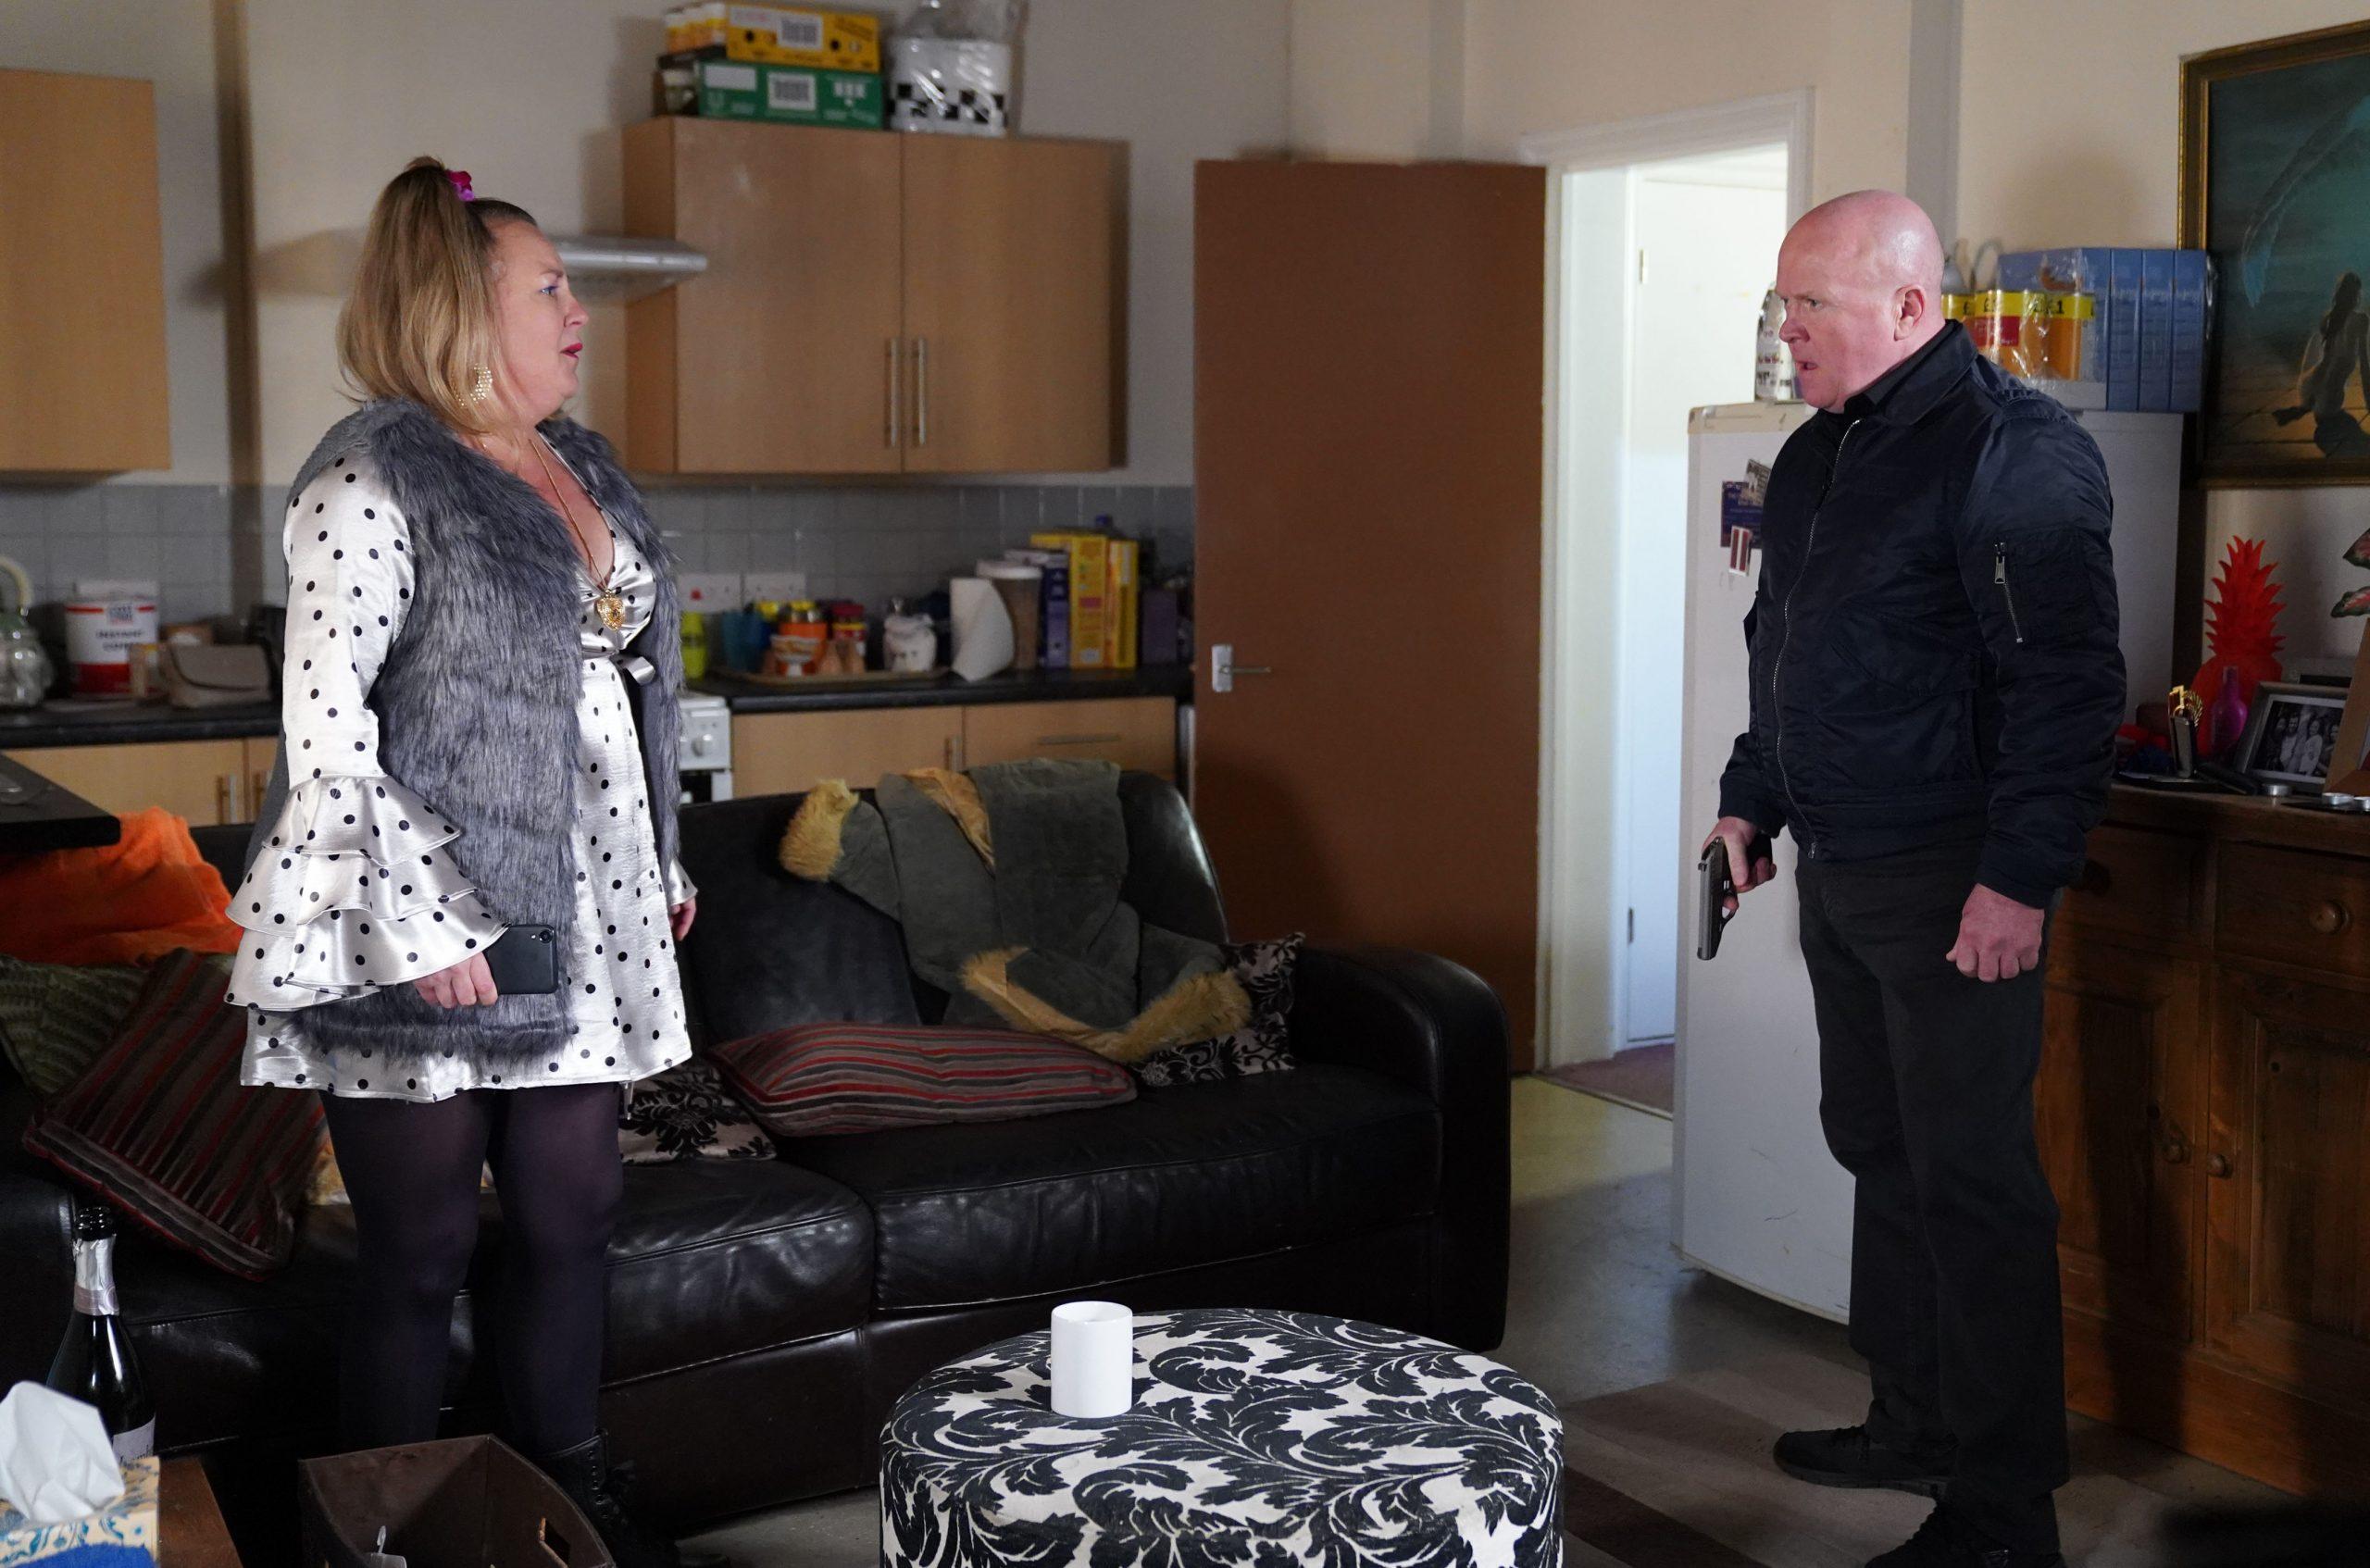 EastEnders SPOILERS: Phil and Ben take revenge